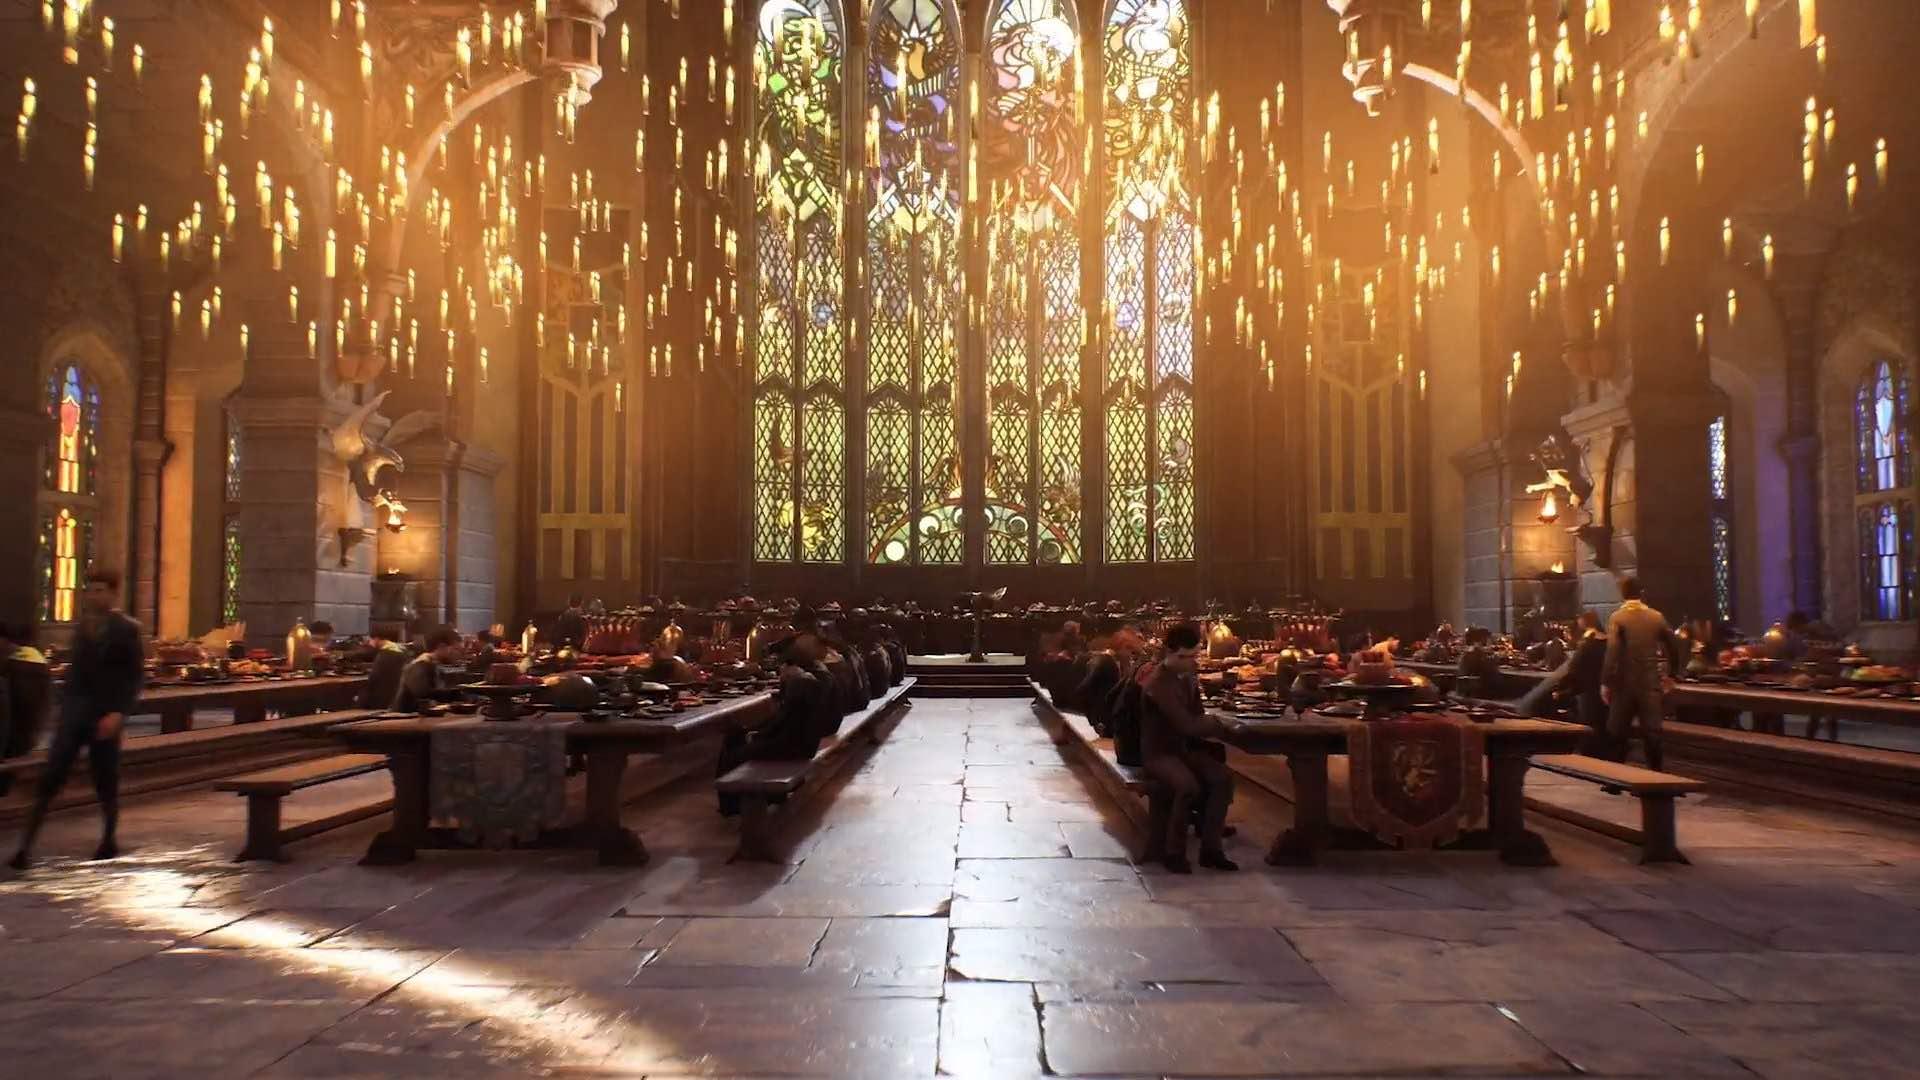 เซอร์ไพรส์!! เปิดตัวเกม Hogwarts Legacy พร้อมจำหน่ายบนเน็กซ์เจนในปี 2021 – play4thai |รวมข่าวอัพเดทต่างๆๆเกี่ยวกับ PS4, PS5 เทคนิคและรีวิวเกมต่างๆๆ พูดคุยทุกเรื่องของเพลย์สเตชั่น เพลย์สี่, ราคา PS4, PS5, เพลย์ห้า, ราคา PS5